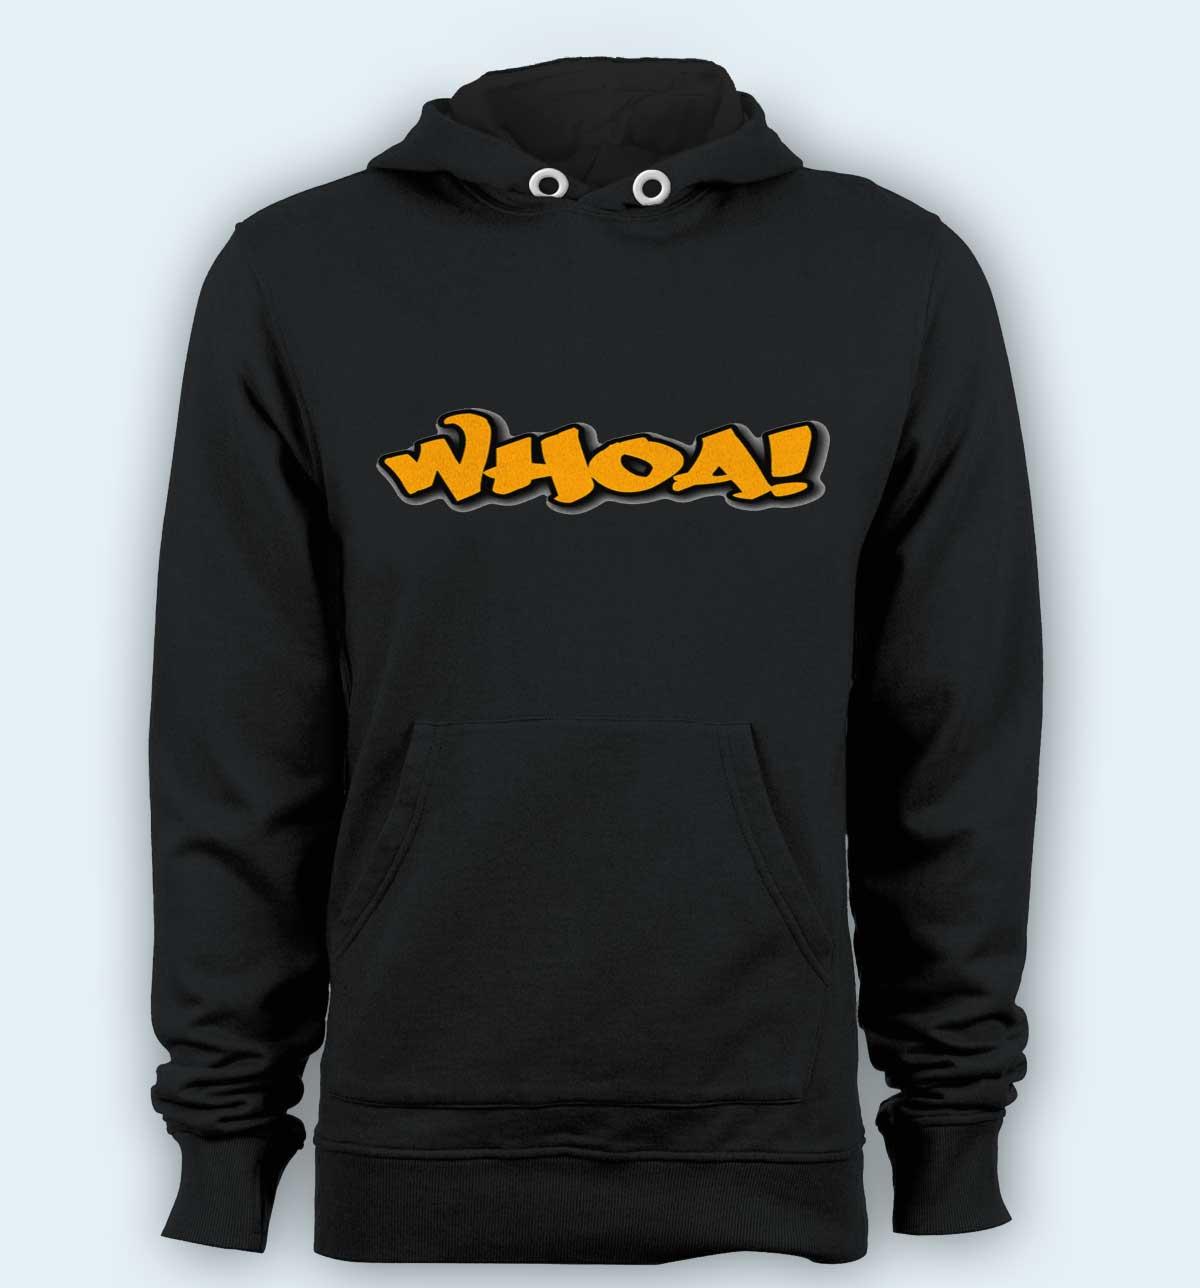 Hoodie pullover black-Whoa